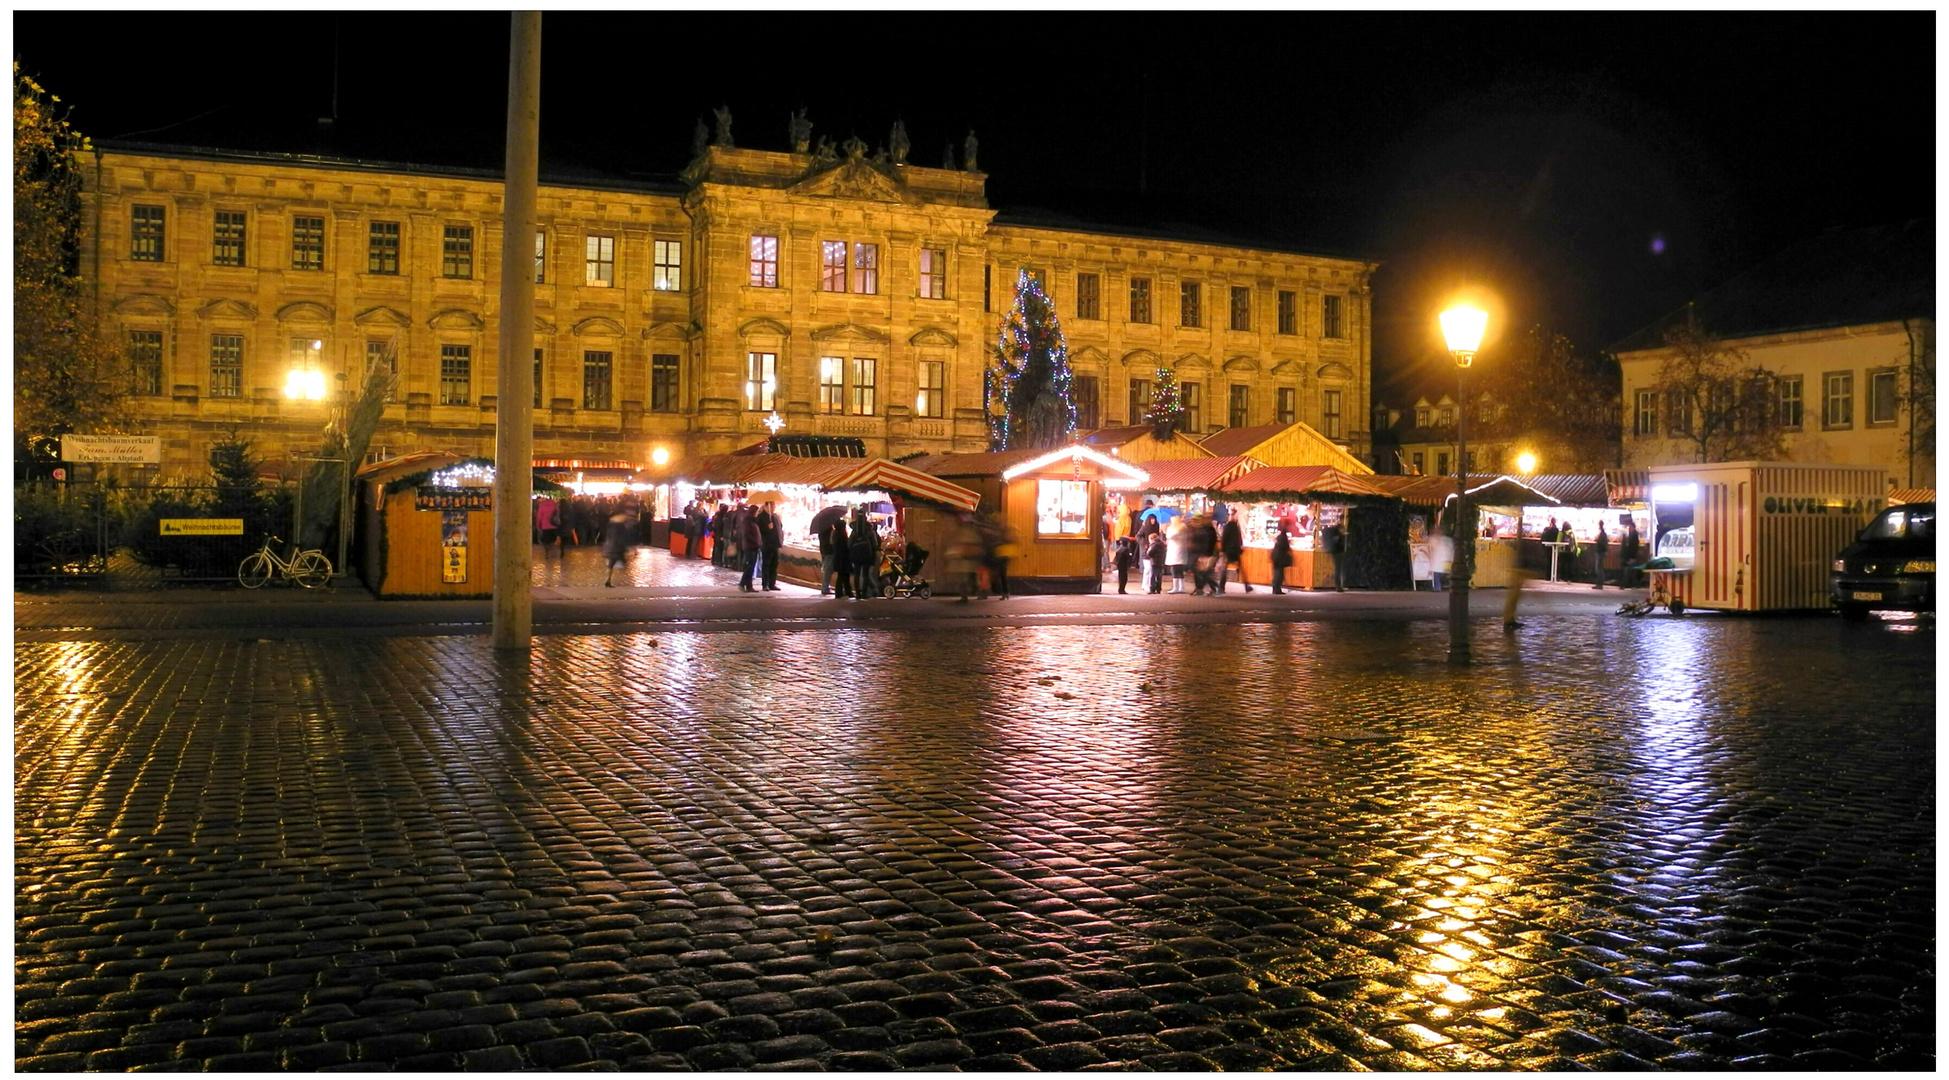 Erlangen 2011, mercado navideño (Weihnachtsmarkt)